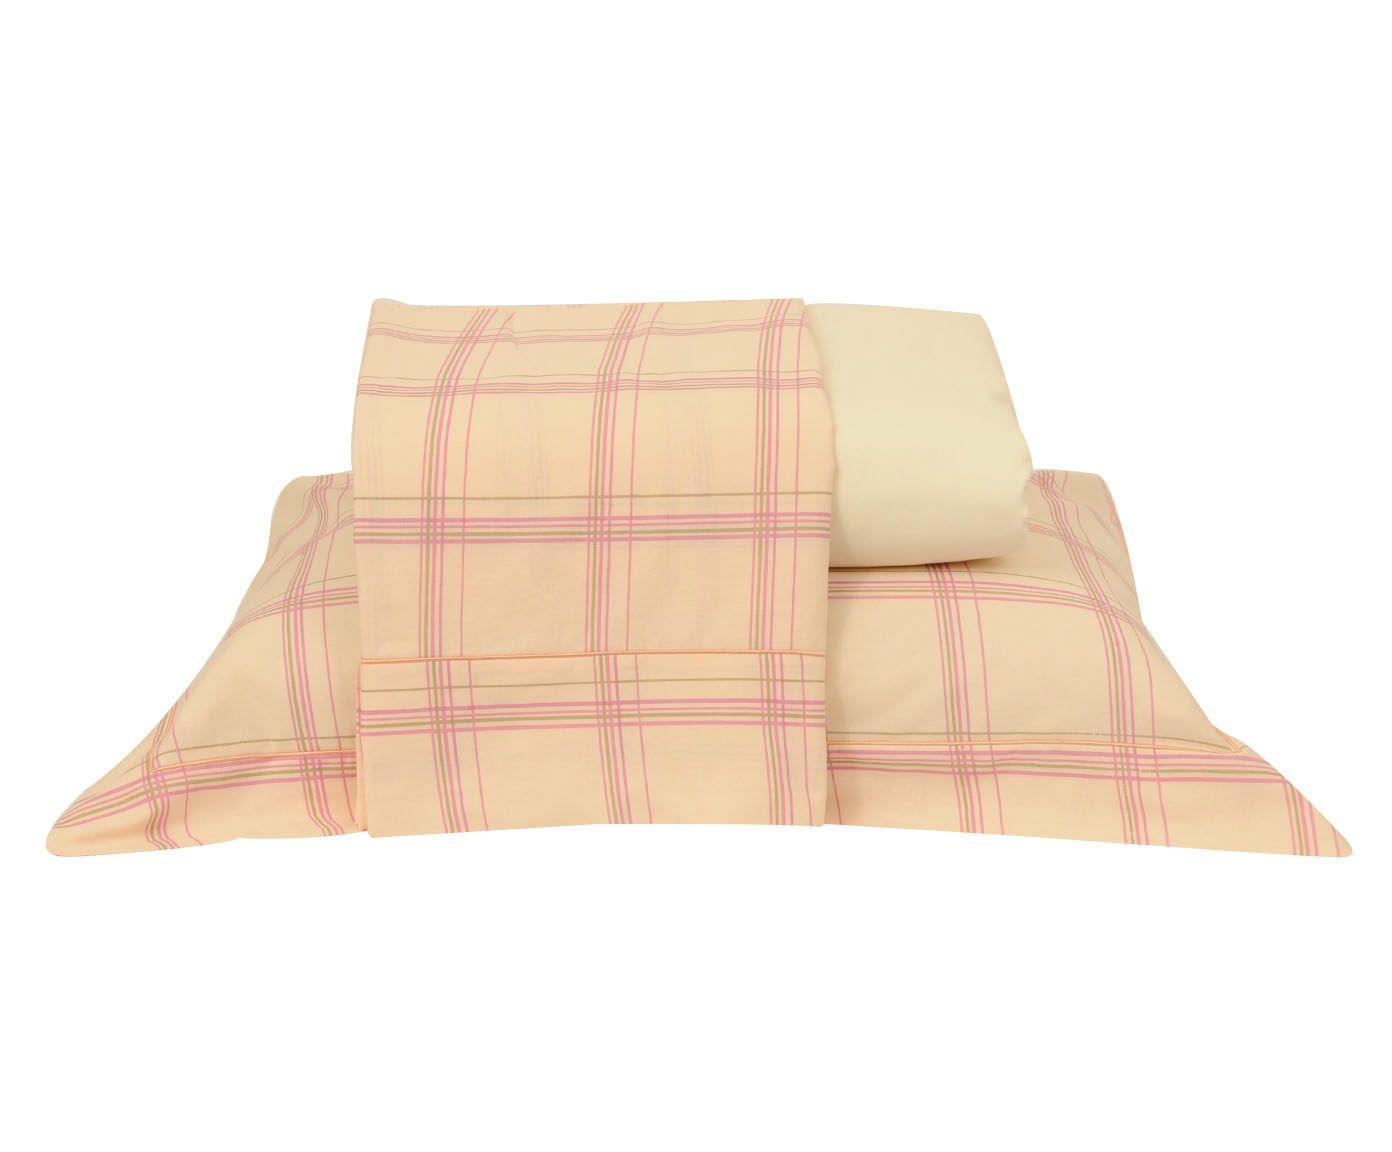 Jogo de lençol versatt stripes para cama de casal - effect | Westwing.com.br